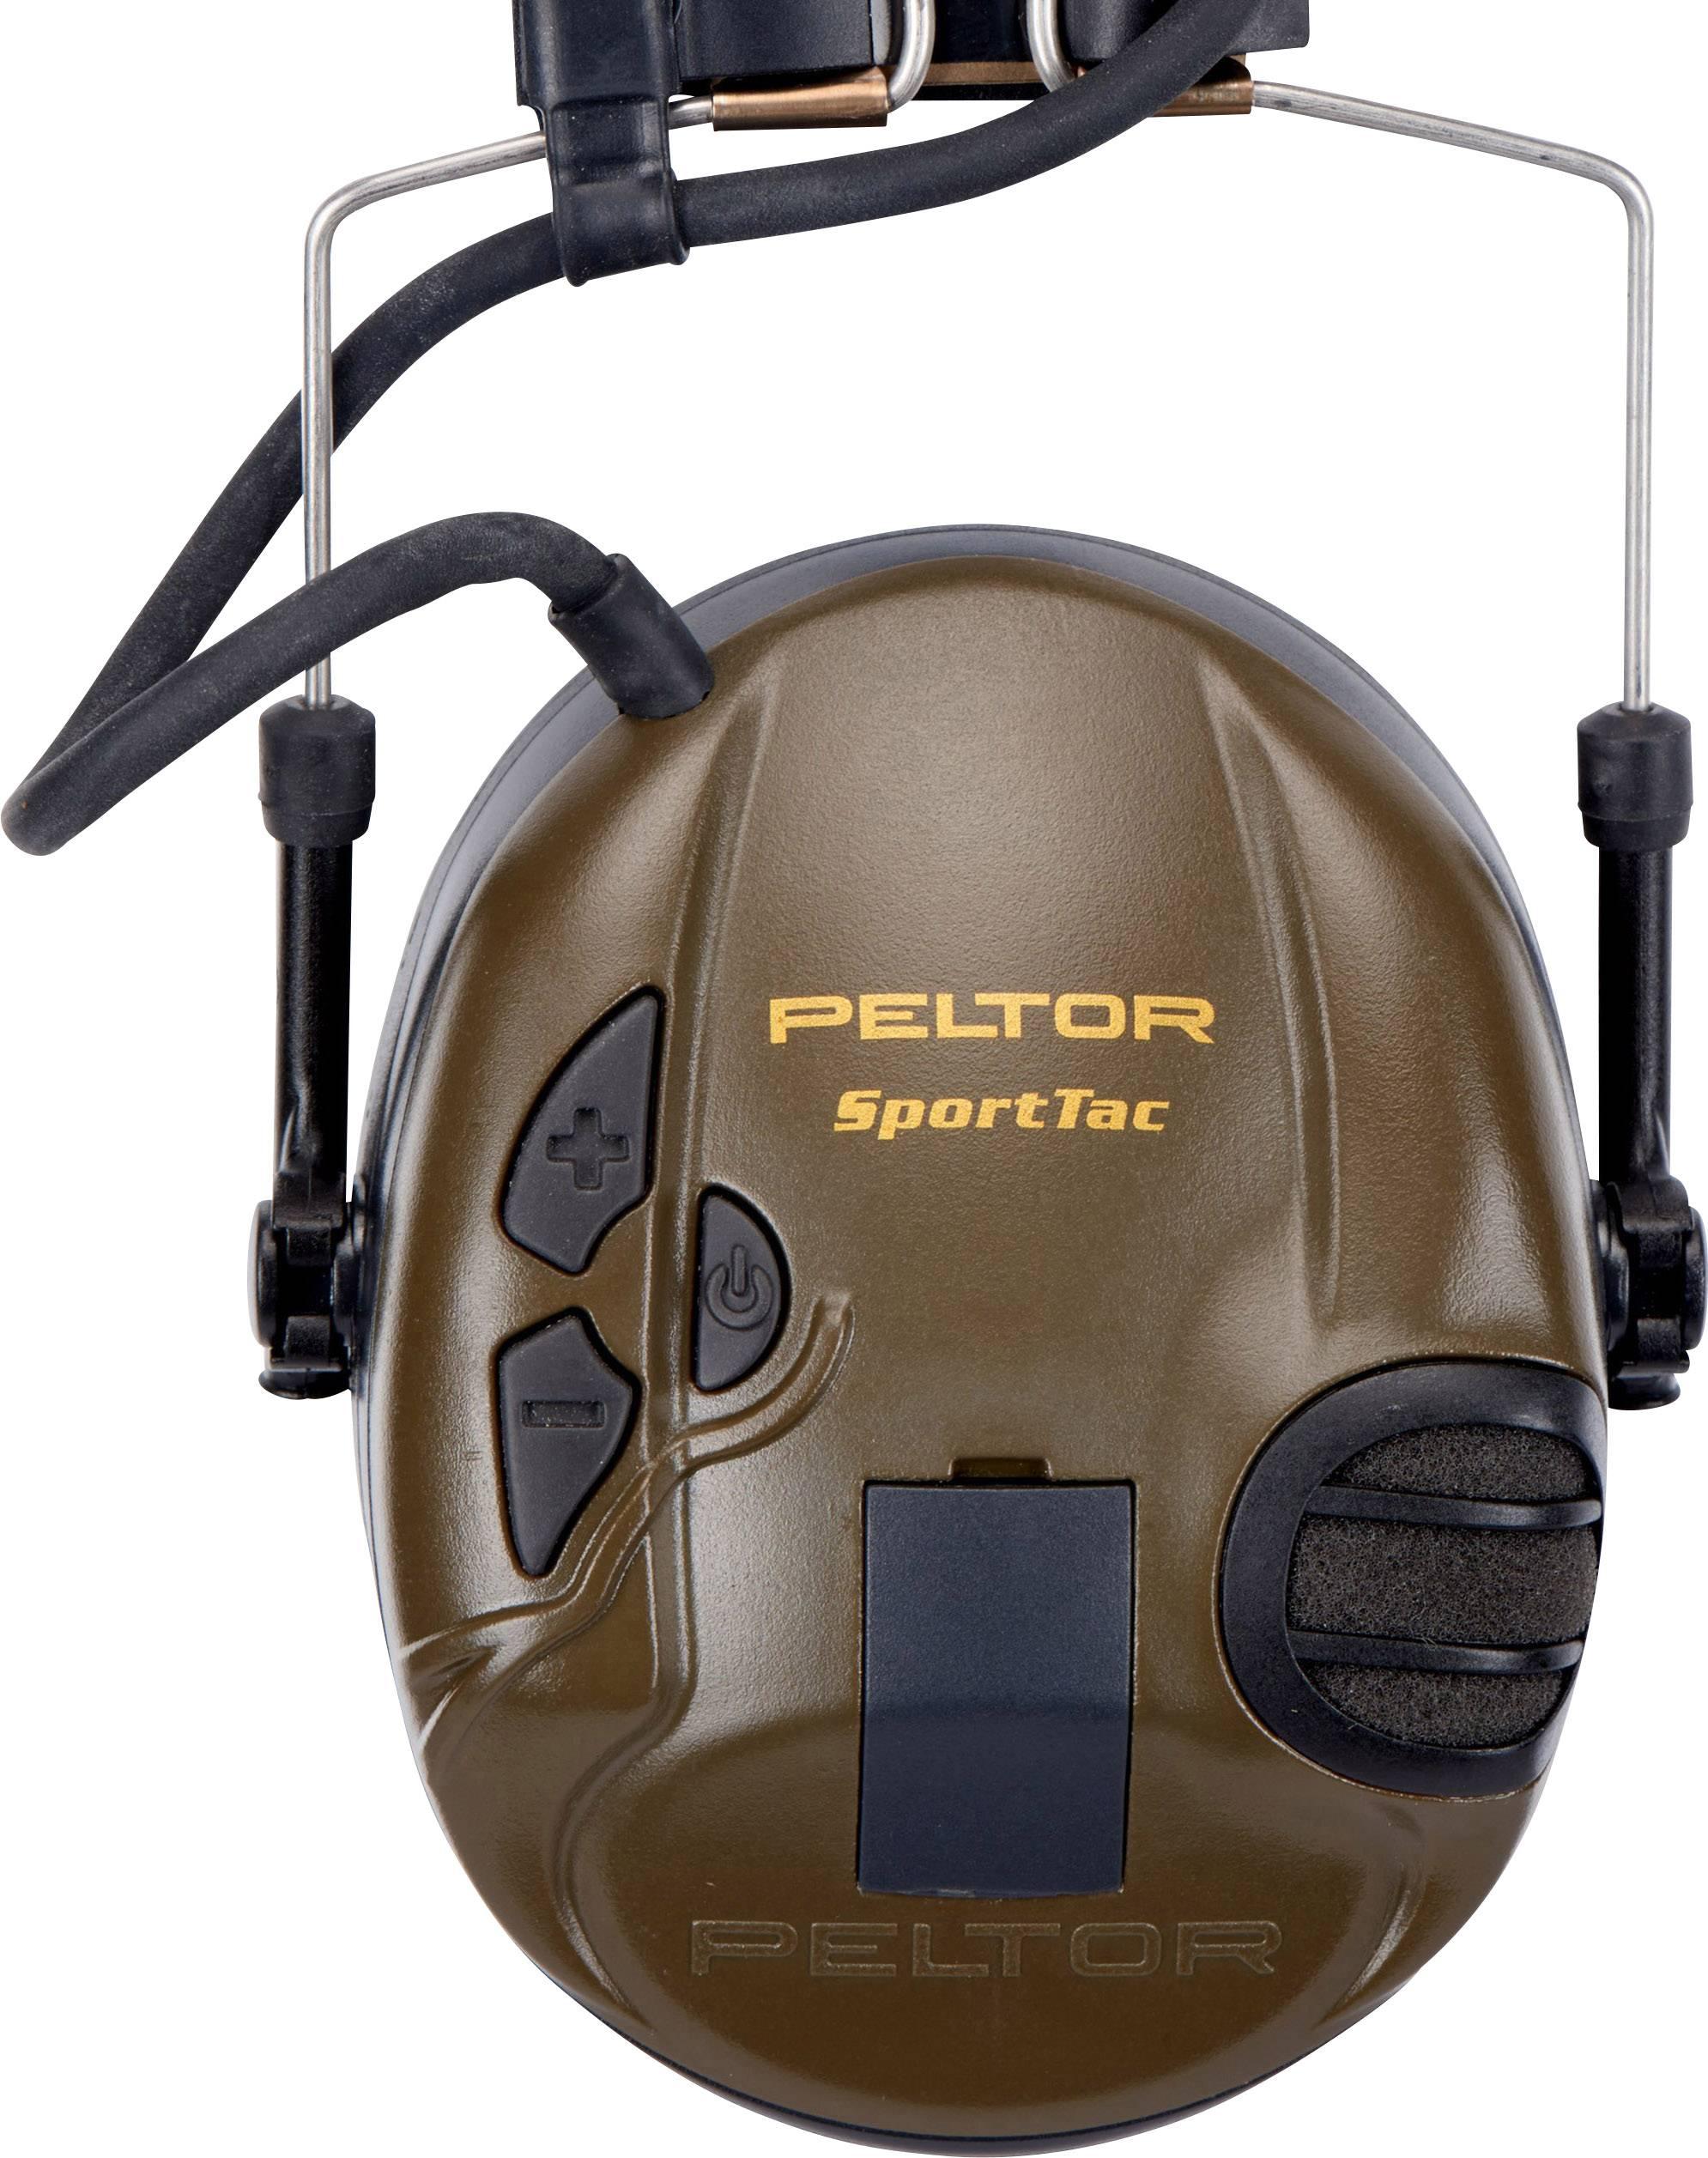 Cuffia antirumore speciale 26 dB 3M Peltor SportTac MT16H210F-478-GN 1 pz.   1c2f4d81f861